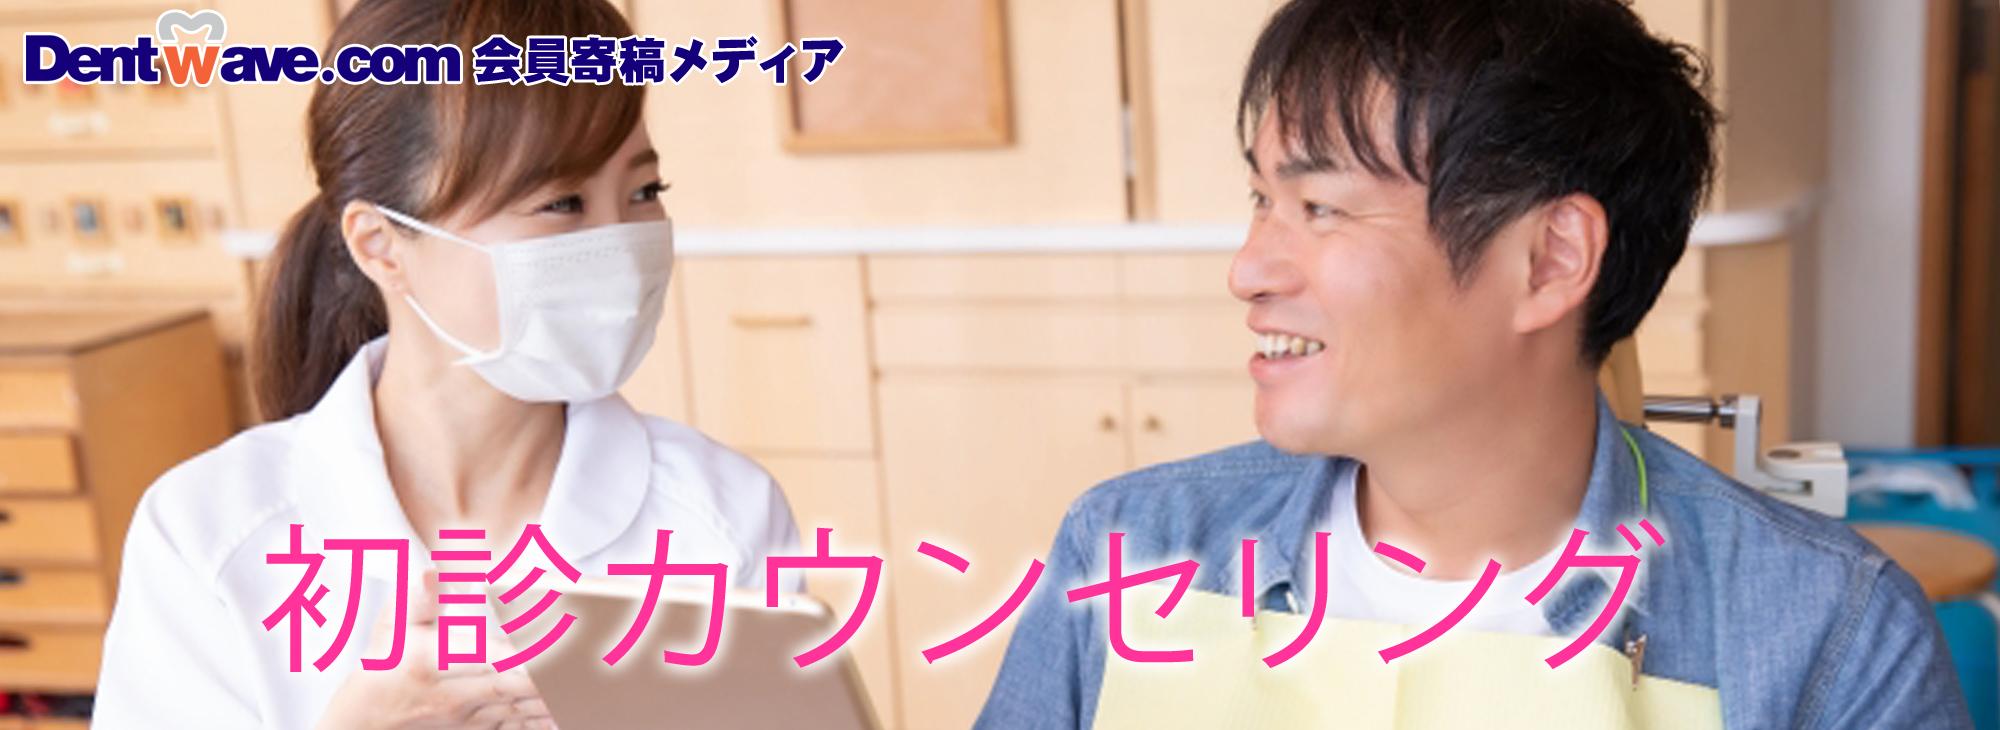 「初診カウンセリング」について【Dentwave.com会員寄稿メディア】